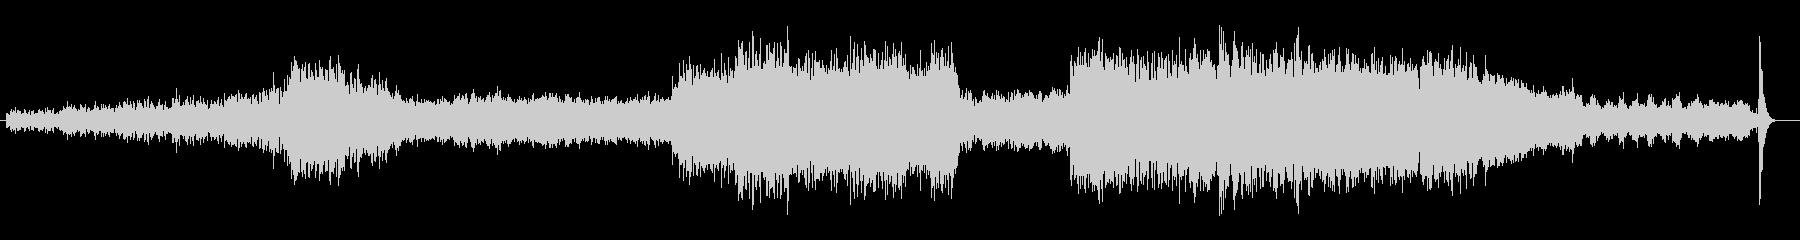 セントポール組曲 第四楽章フィナーレの未再生の波形